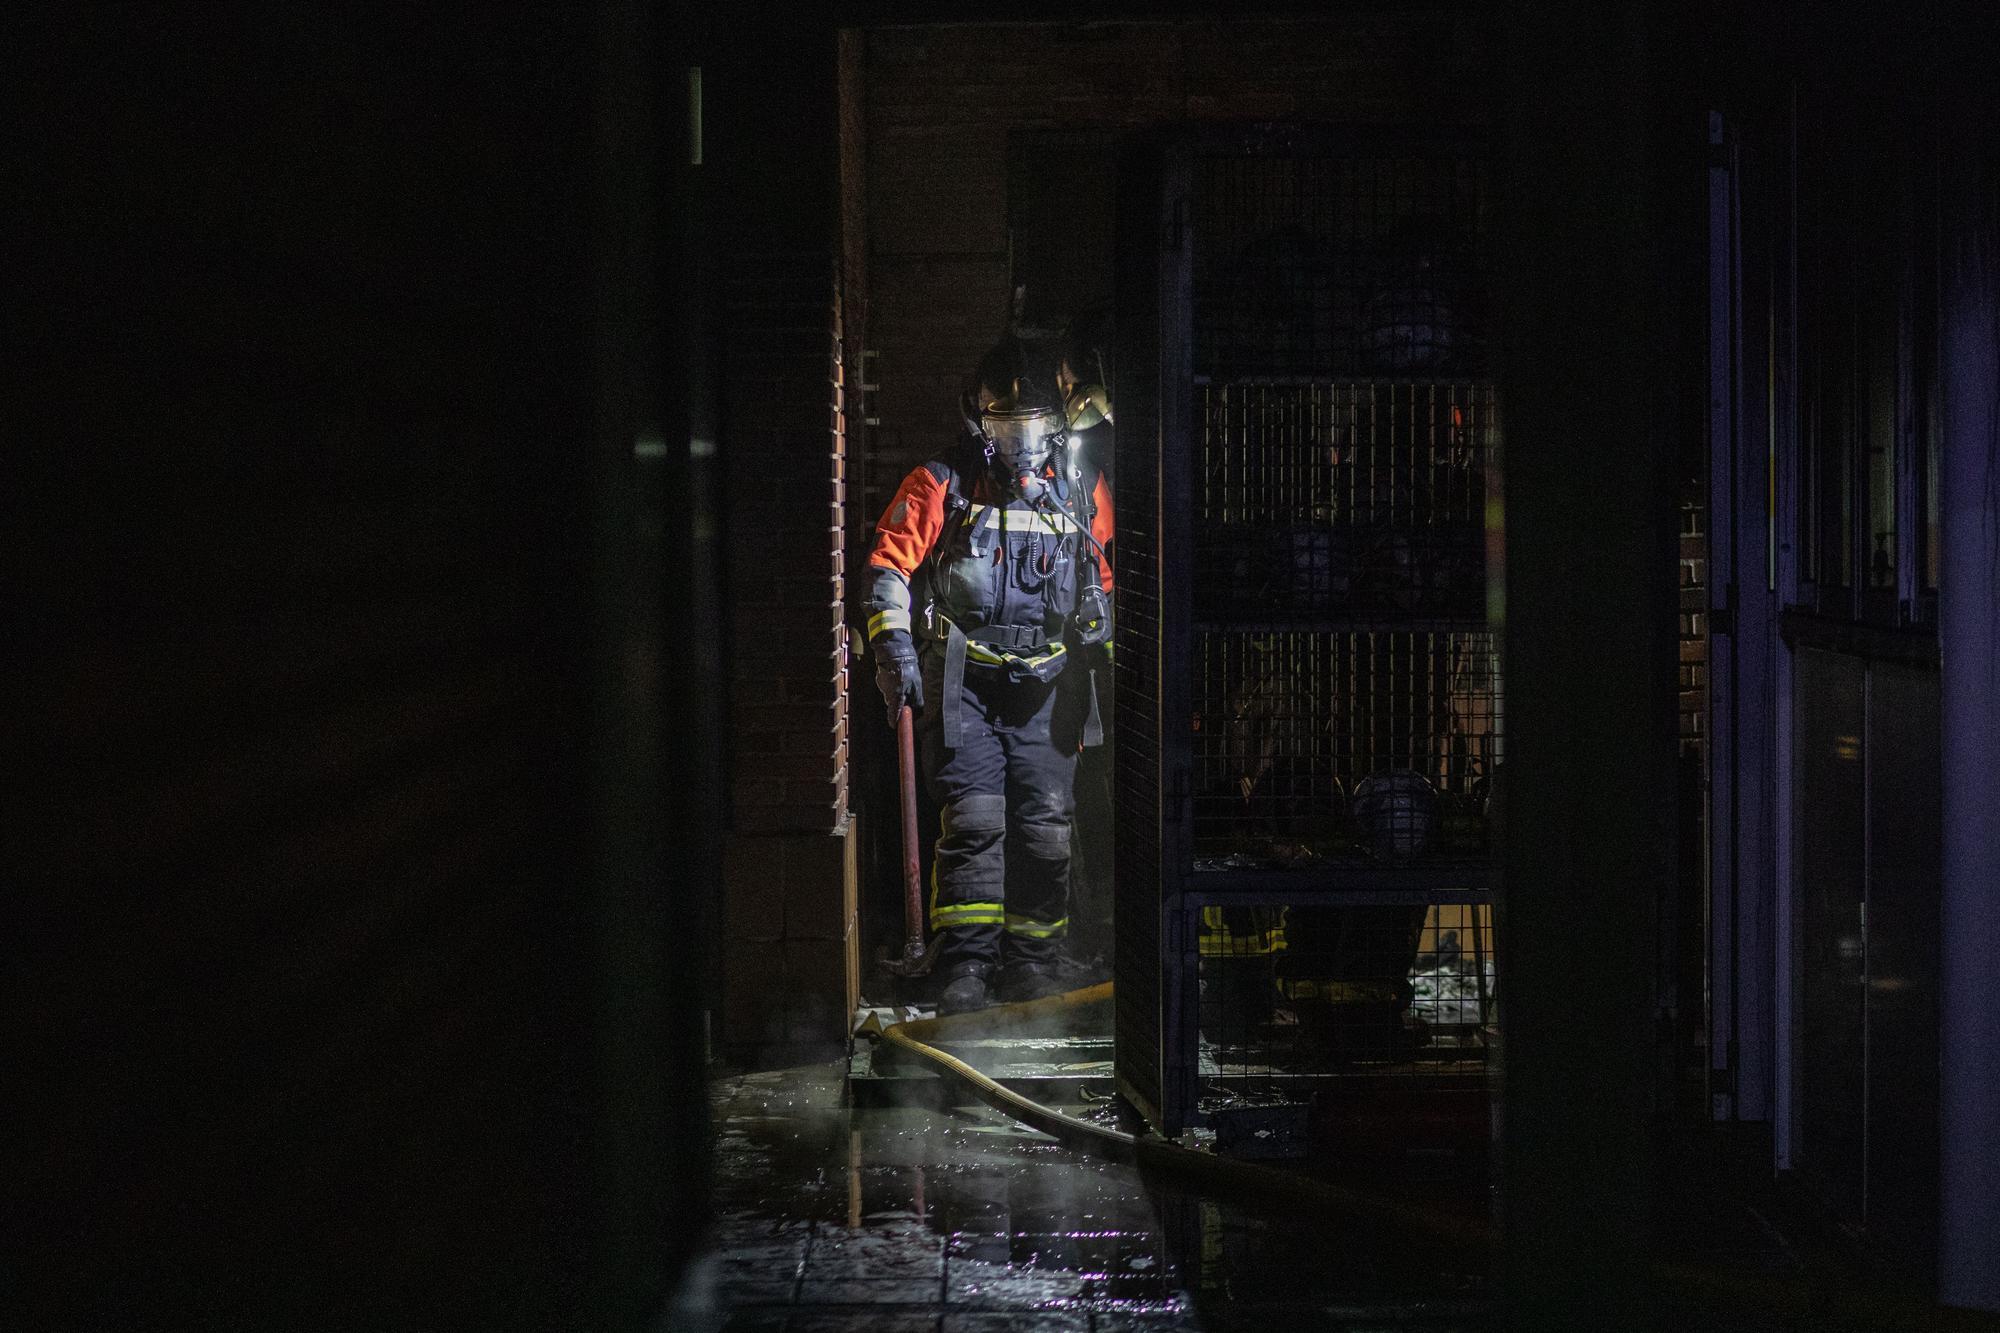 GALERÍA   El incendio en los vestuarios de los campos de fútbol de Valorio, en imágenes